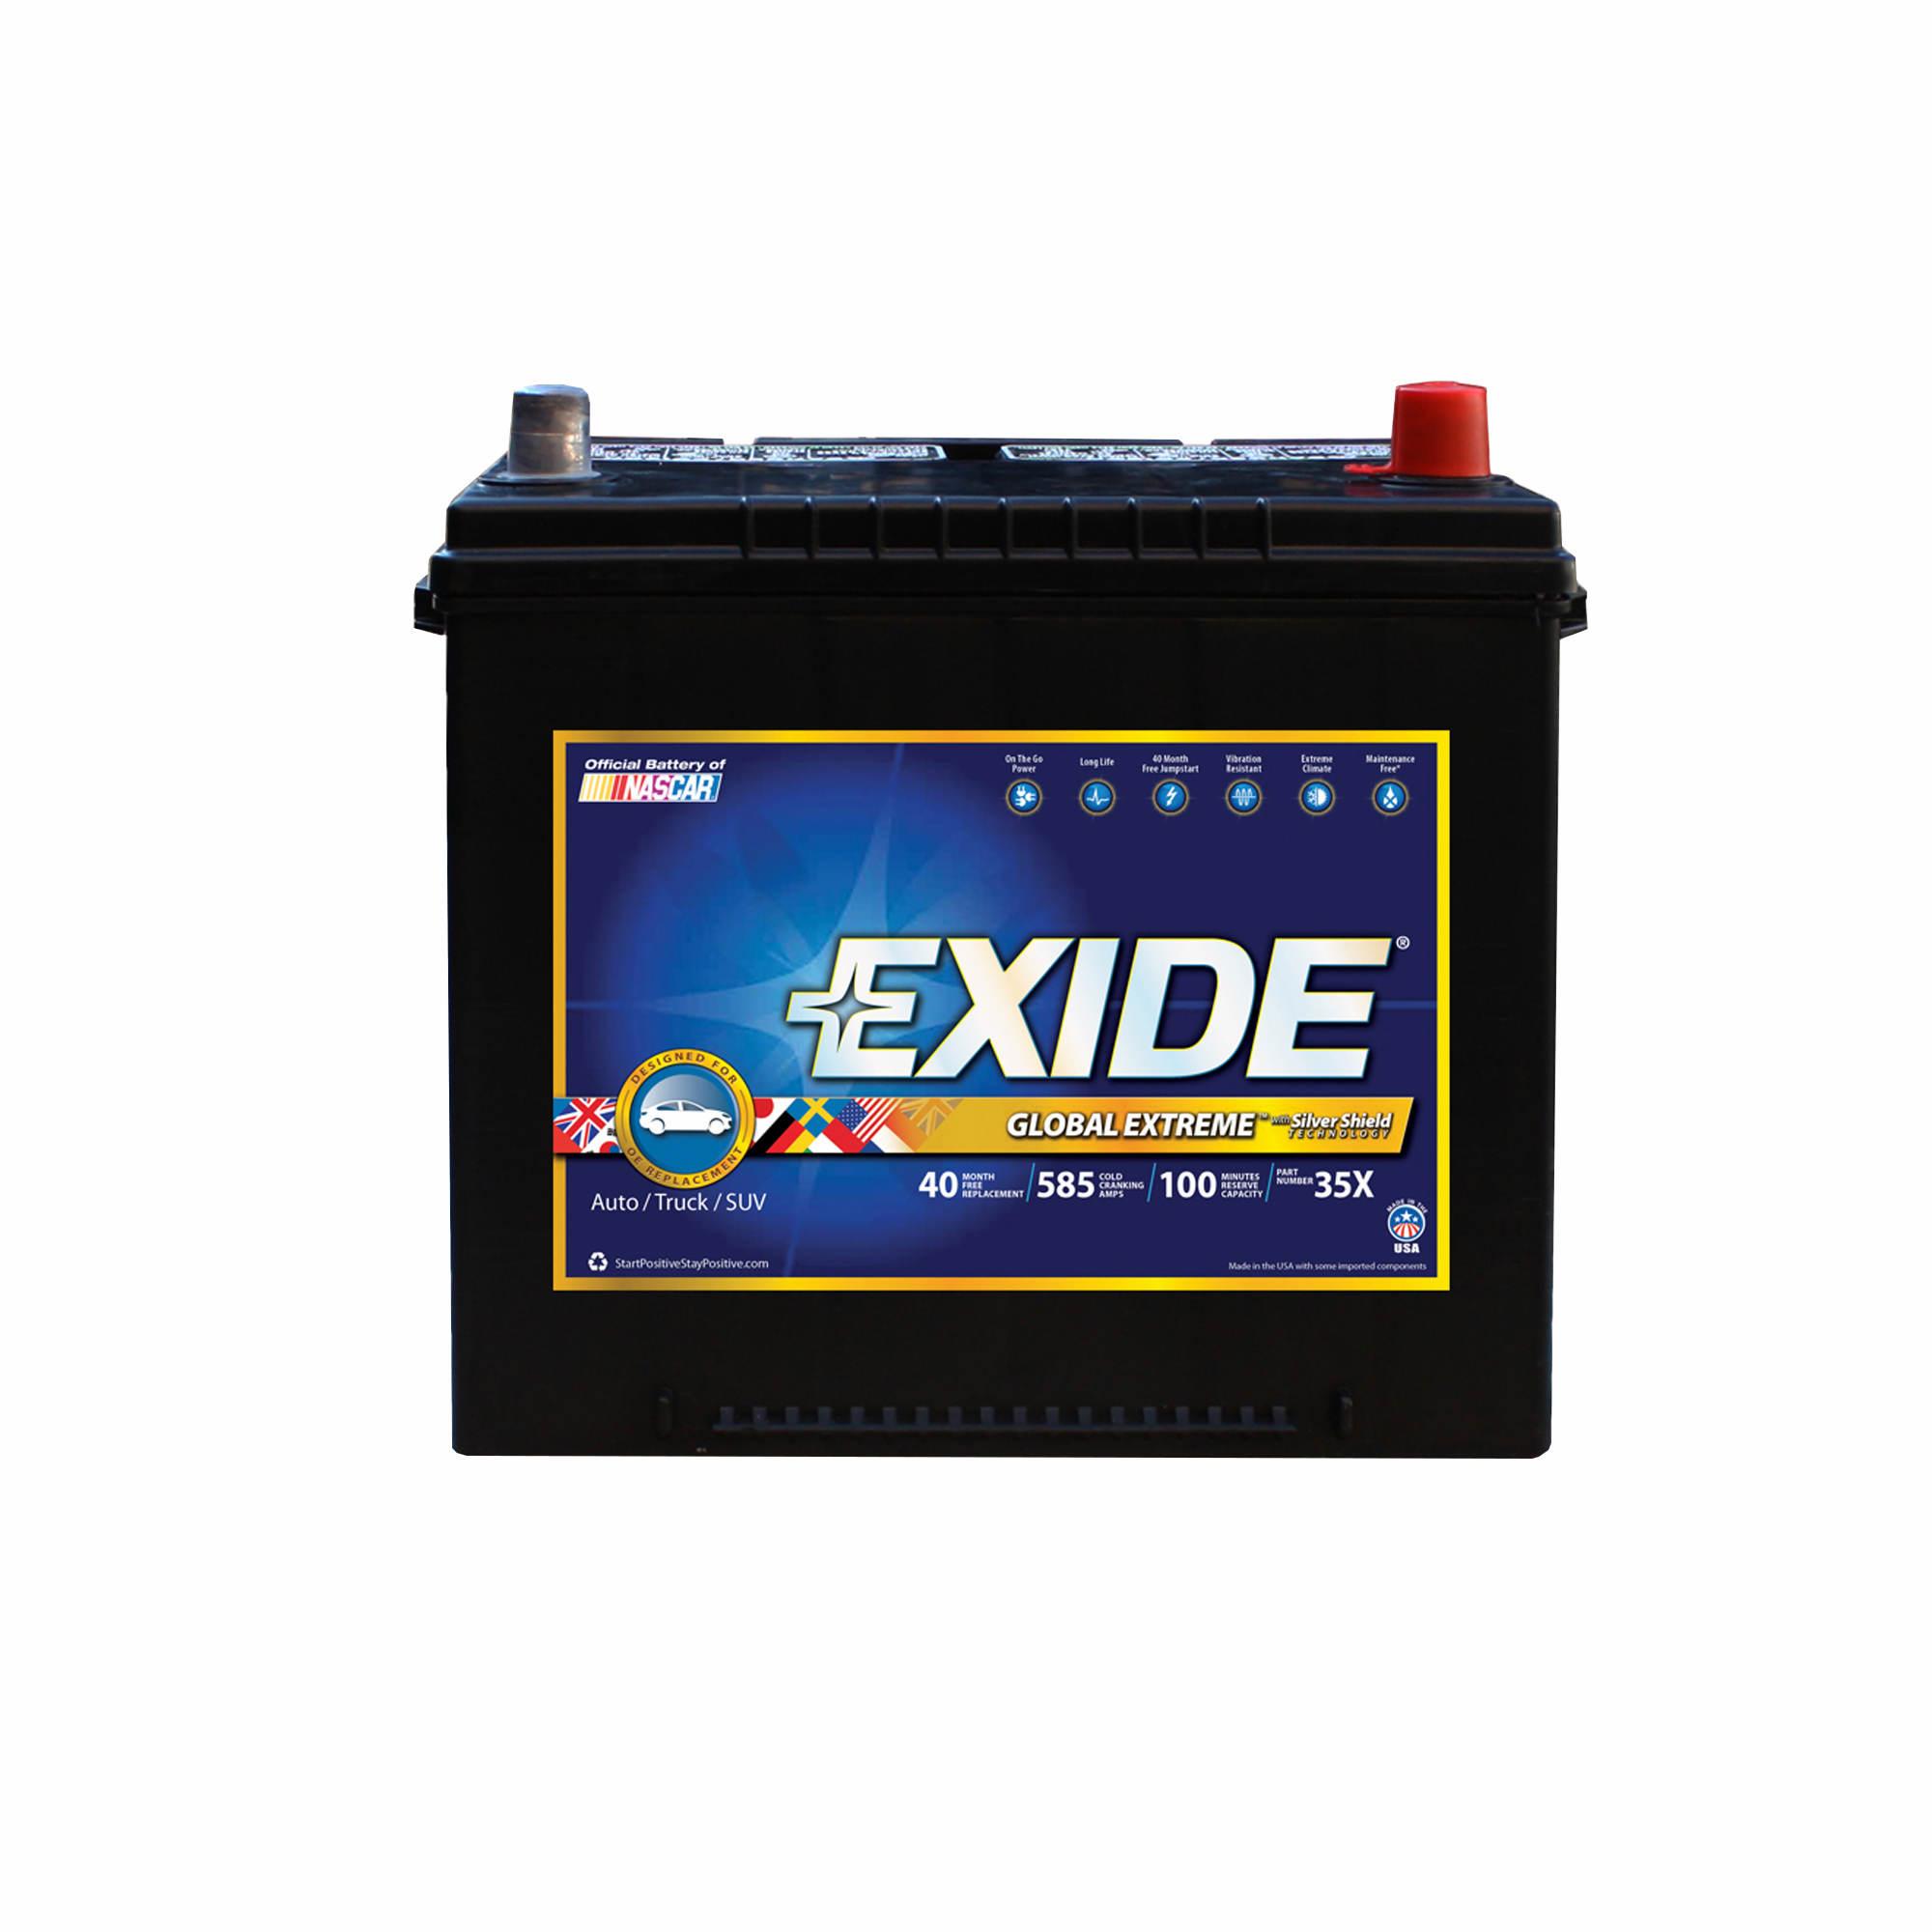 automotive batteries bj s whole club exide premium extreme global 35x auto battery